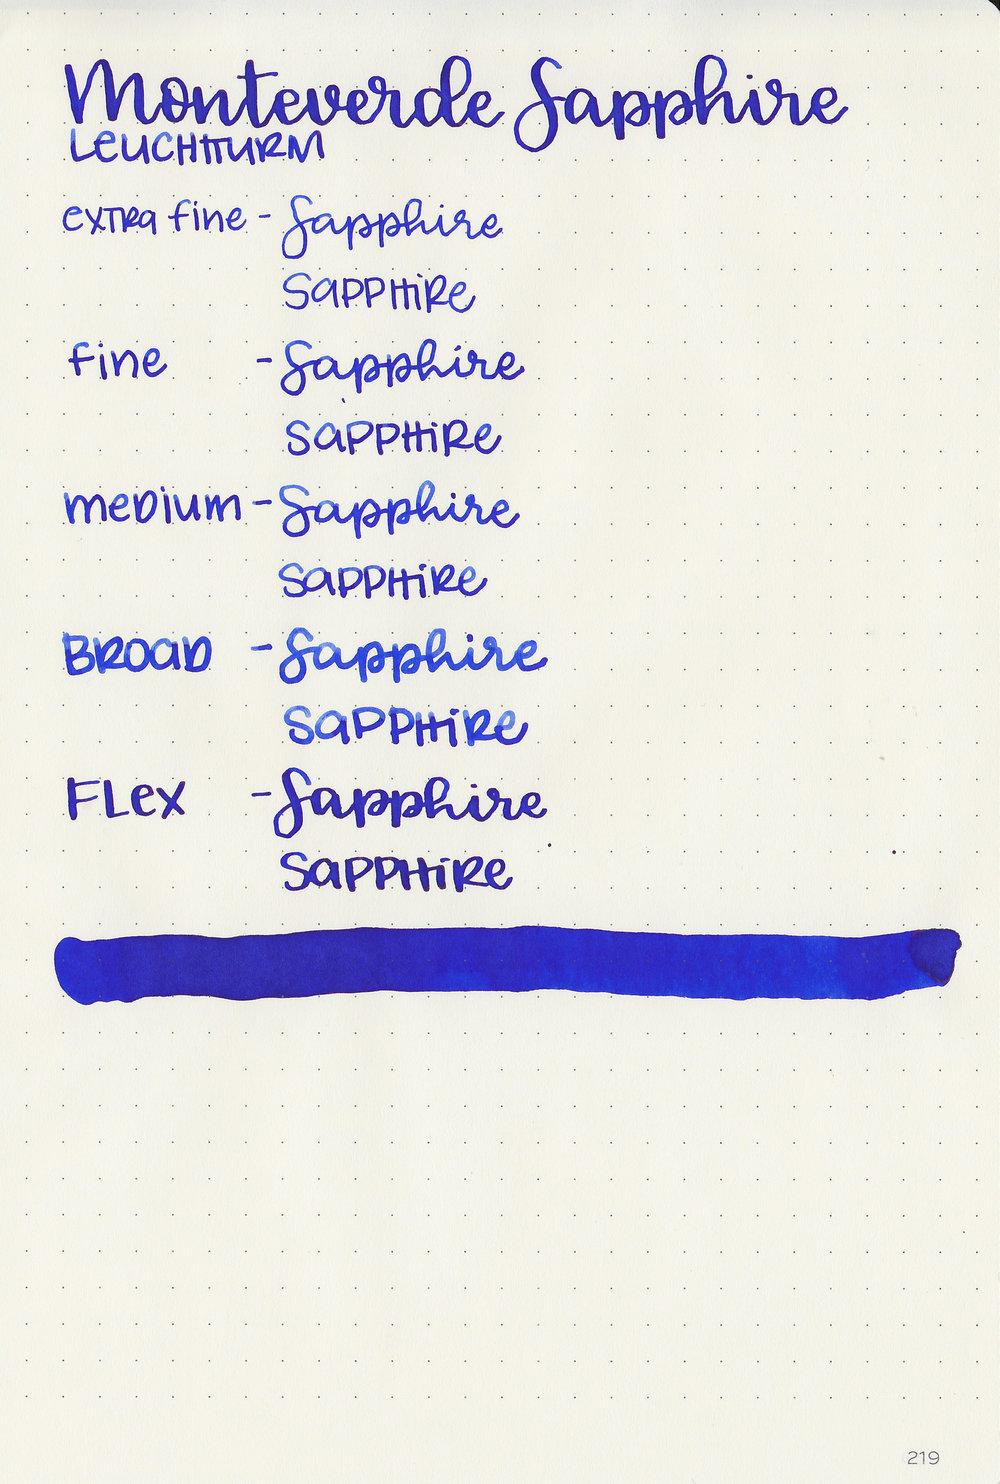 mv-sapphire-9.jpg